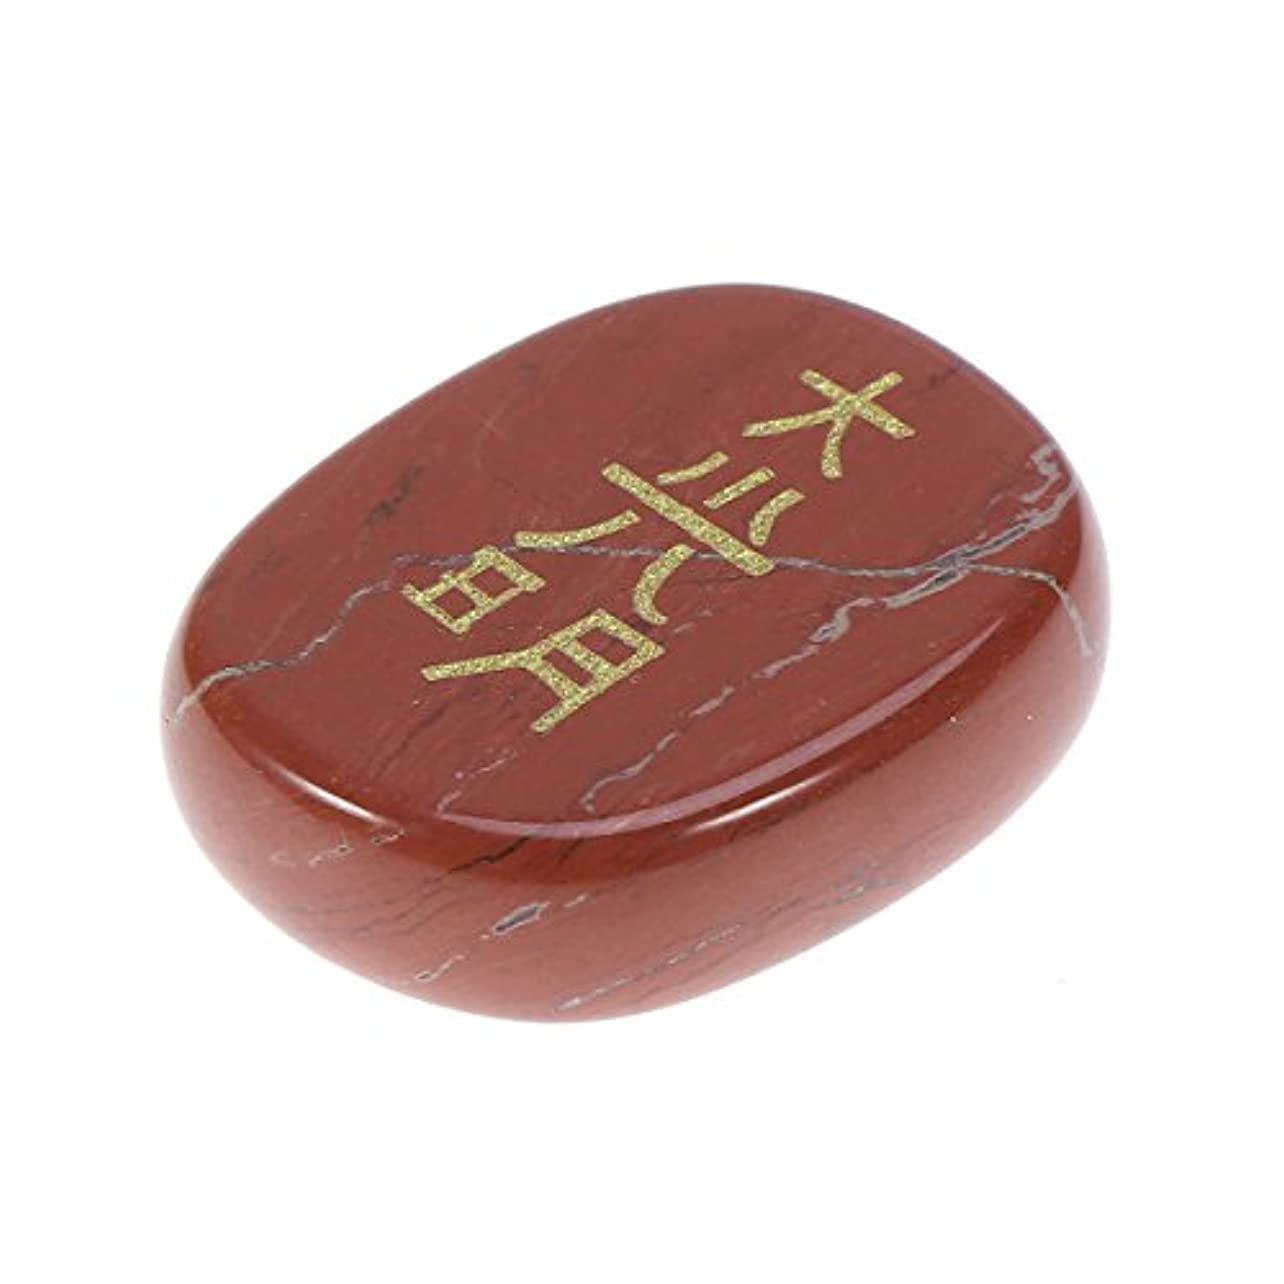 流行感じシフトHealifty 宗教 石 彫刻 天然 クリスタルストーン エンジェル記号 彫刻 瞑想 (ダークレッド)